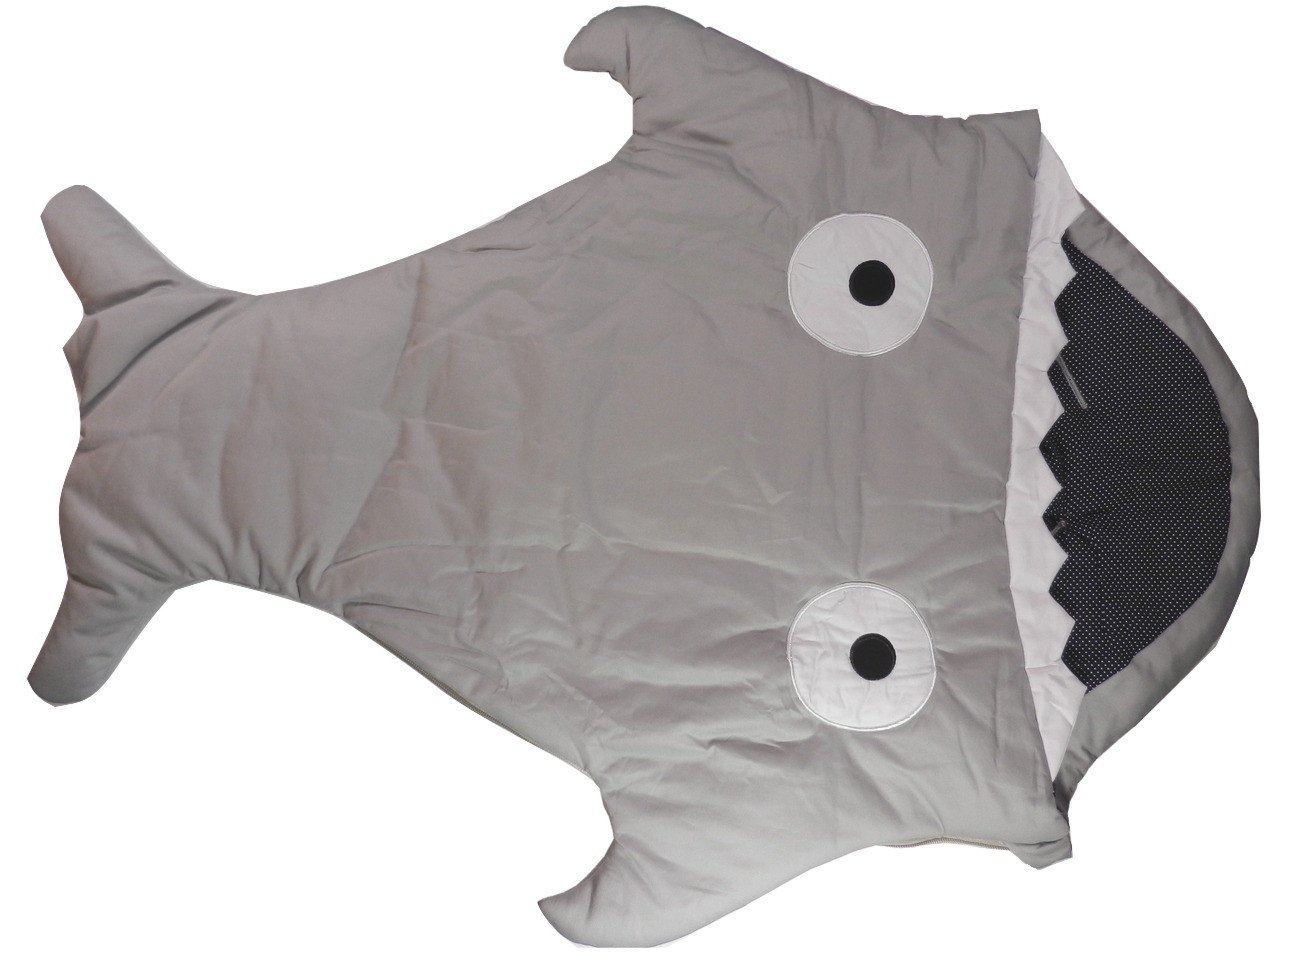 Amazoncom Infant Baby Toddler Sleeping Bag Shark Whale Swaddle - Sleeping bag shark